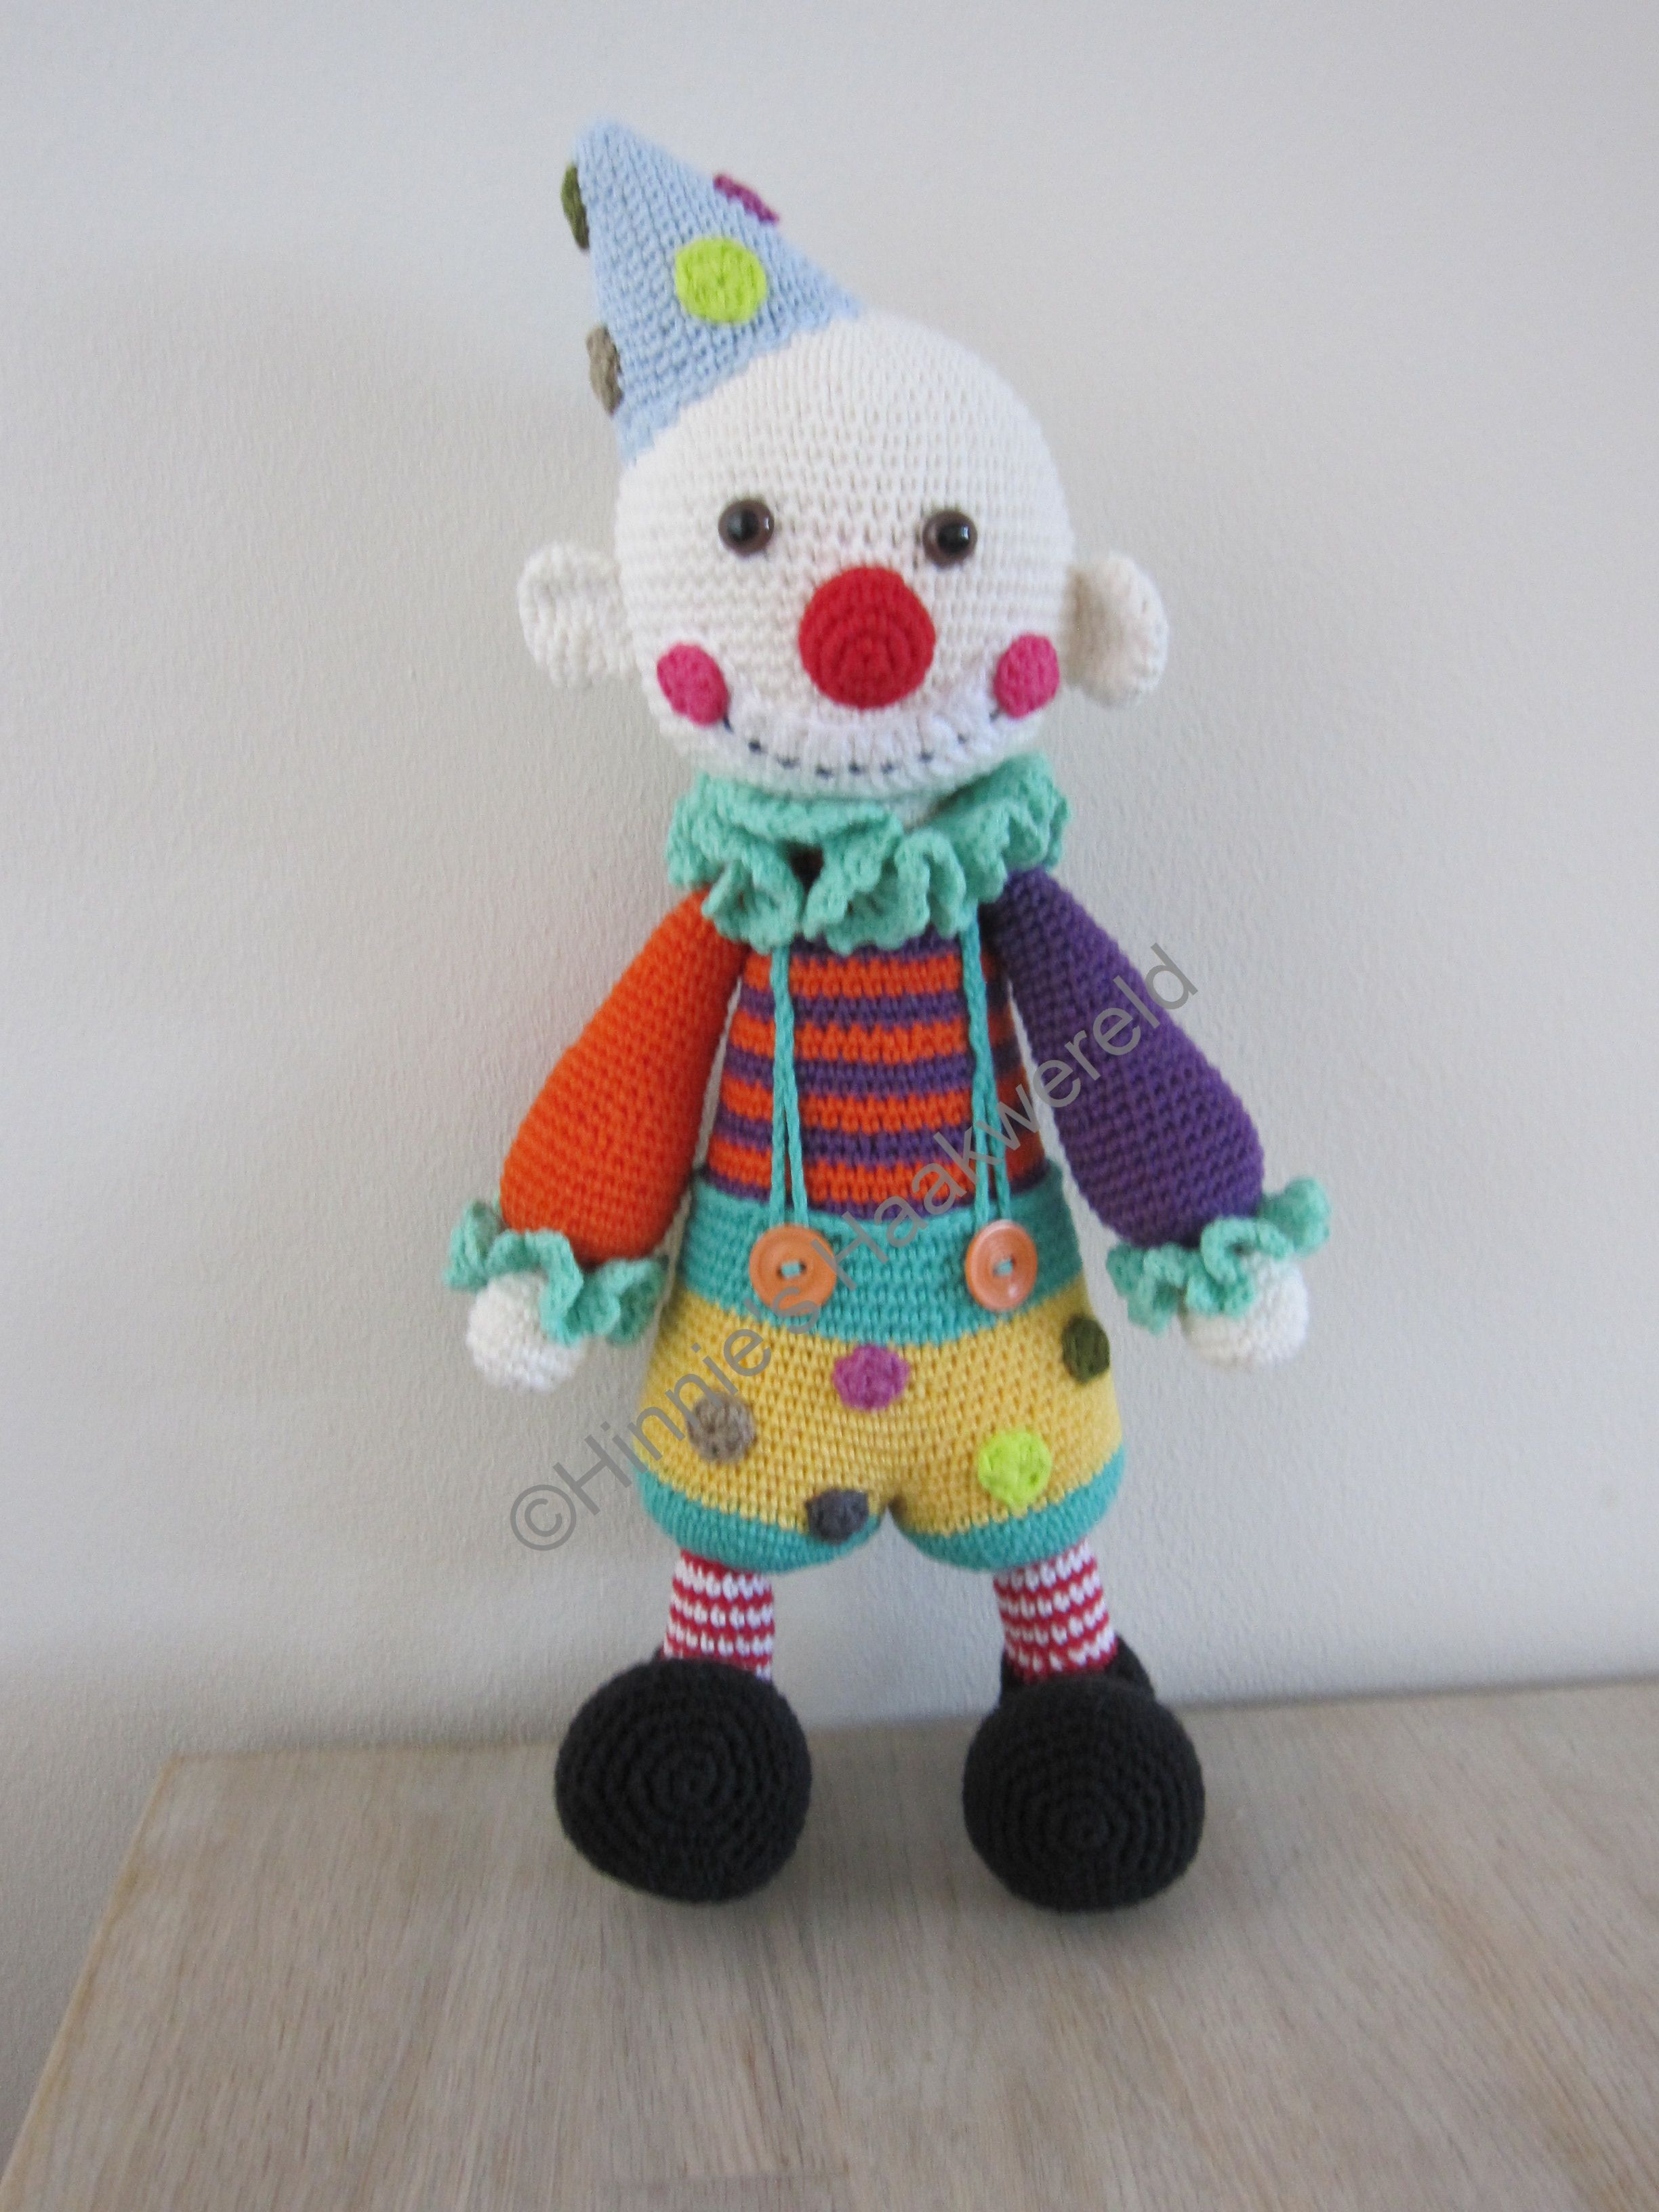 Chatterbox the Clown van Lilleliis. | 小丑 | Pinterest | Amigurumi ...